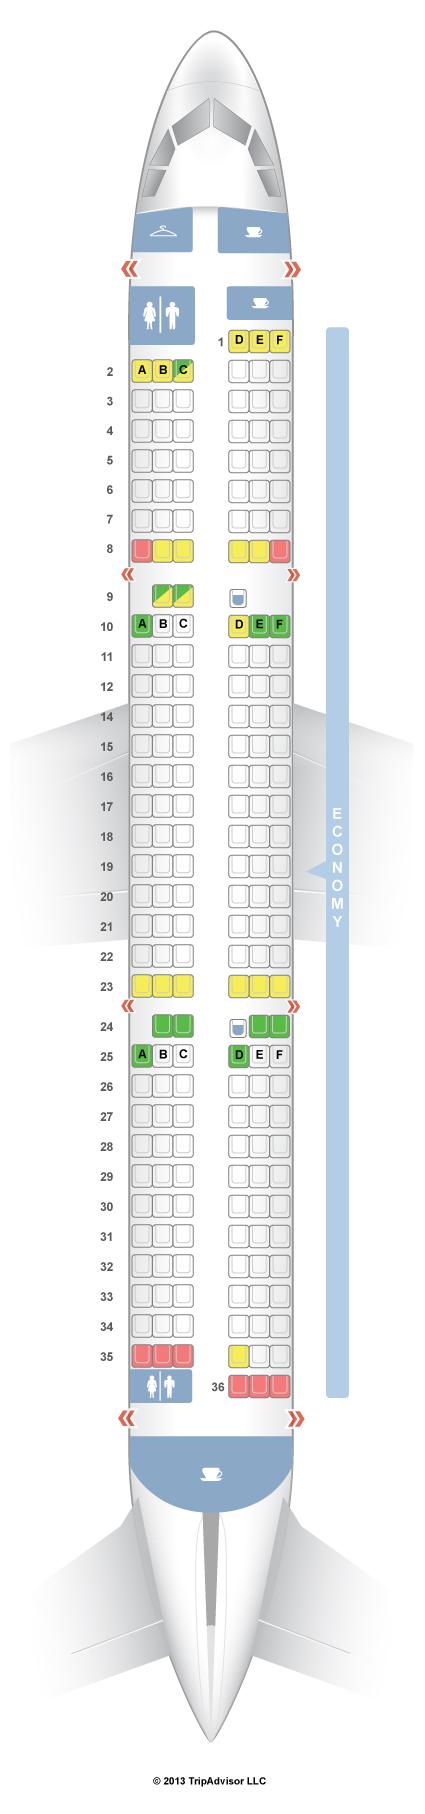 Seatguru Seat Map Sas Airbus A321 321